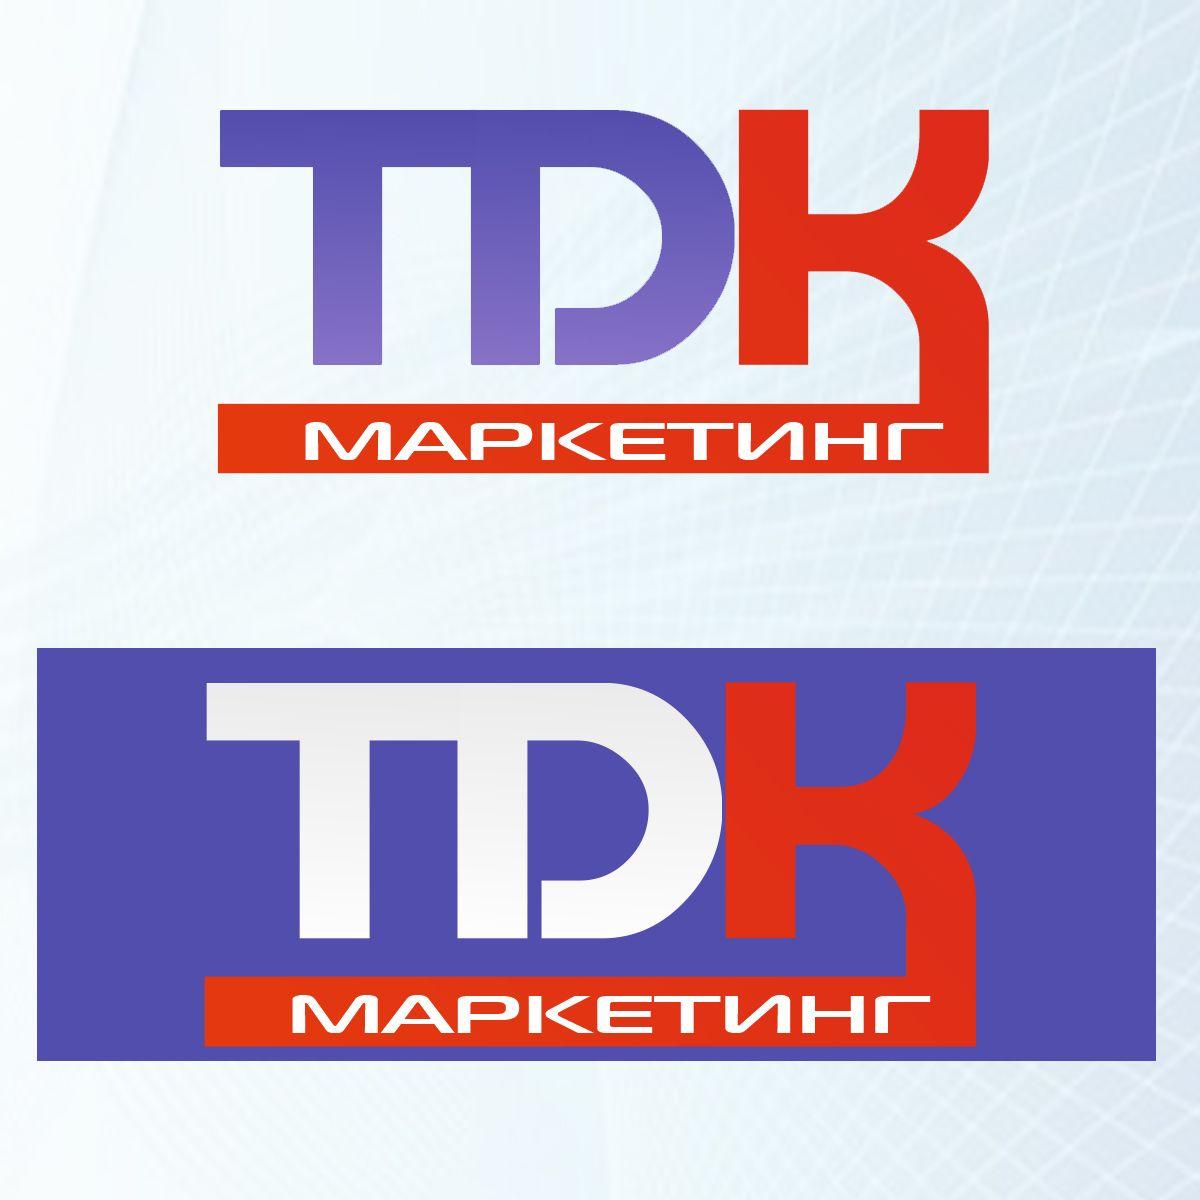 Лого и фирменный стиль для ТДК Маркетинг - дизайнер Bobrik78